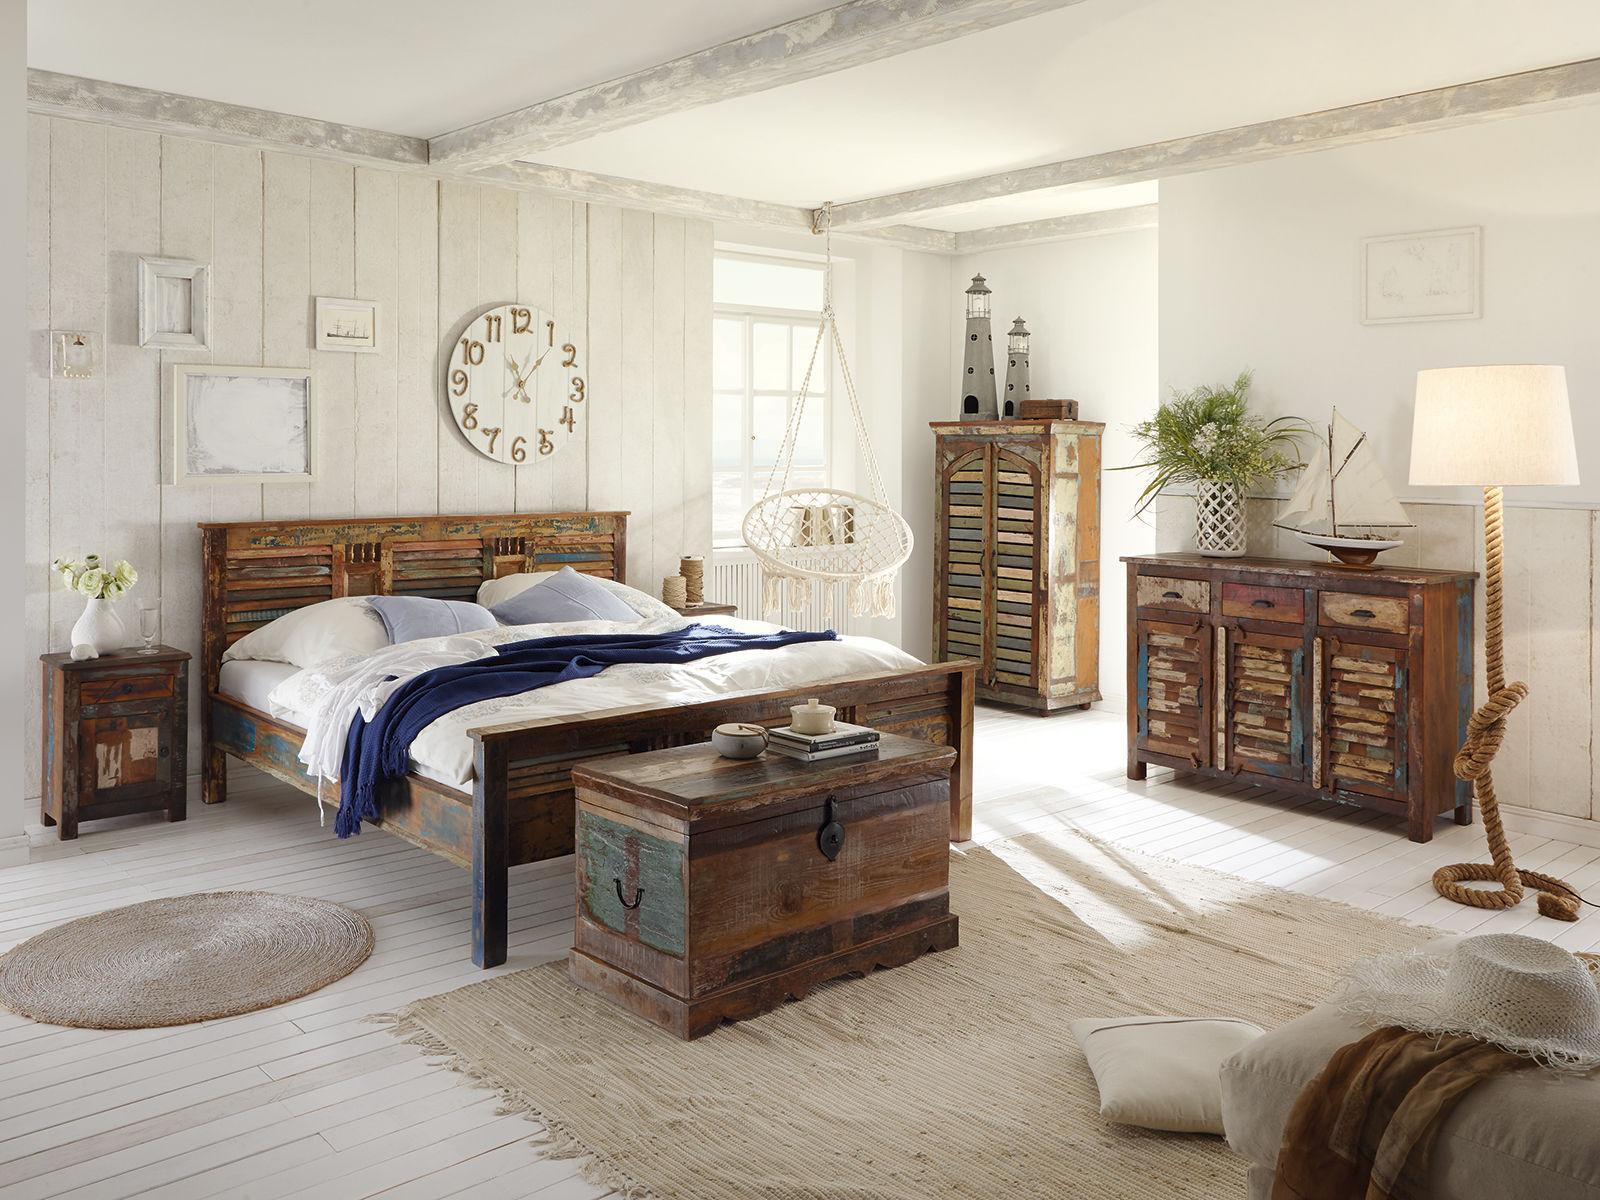 Maritim Einrichten maritime deko bilder ideen couchstyle